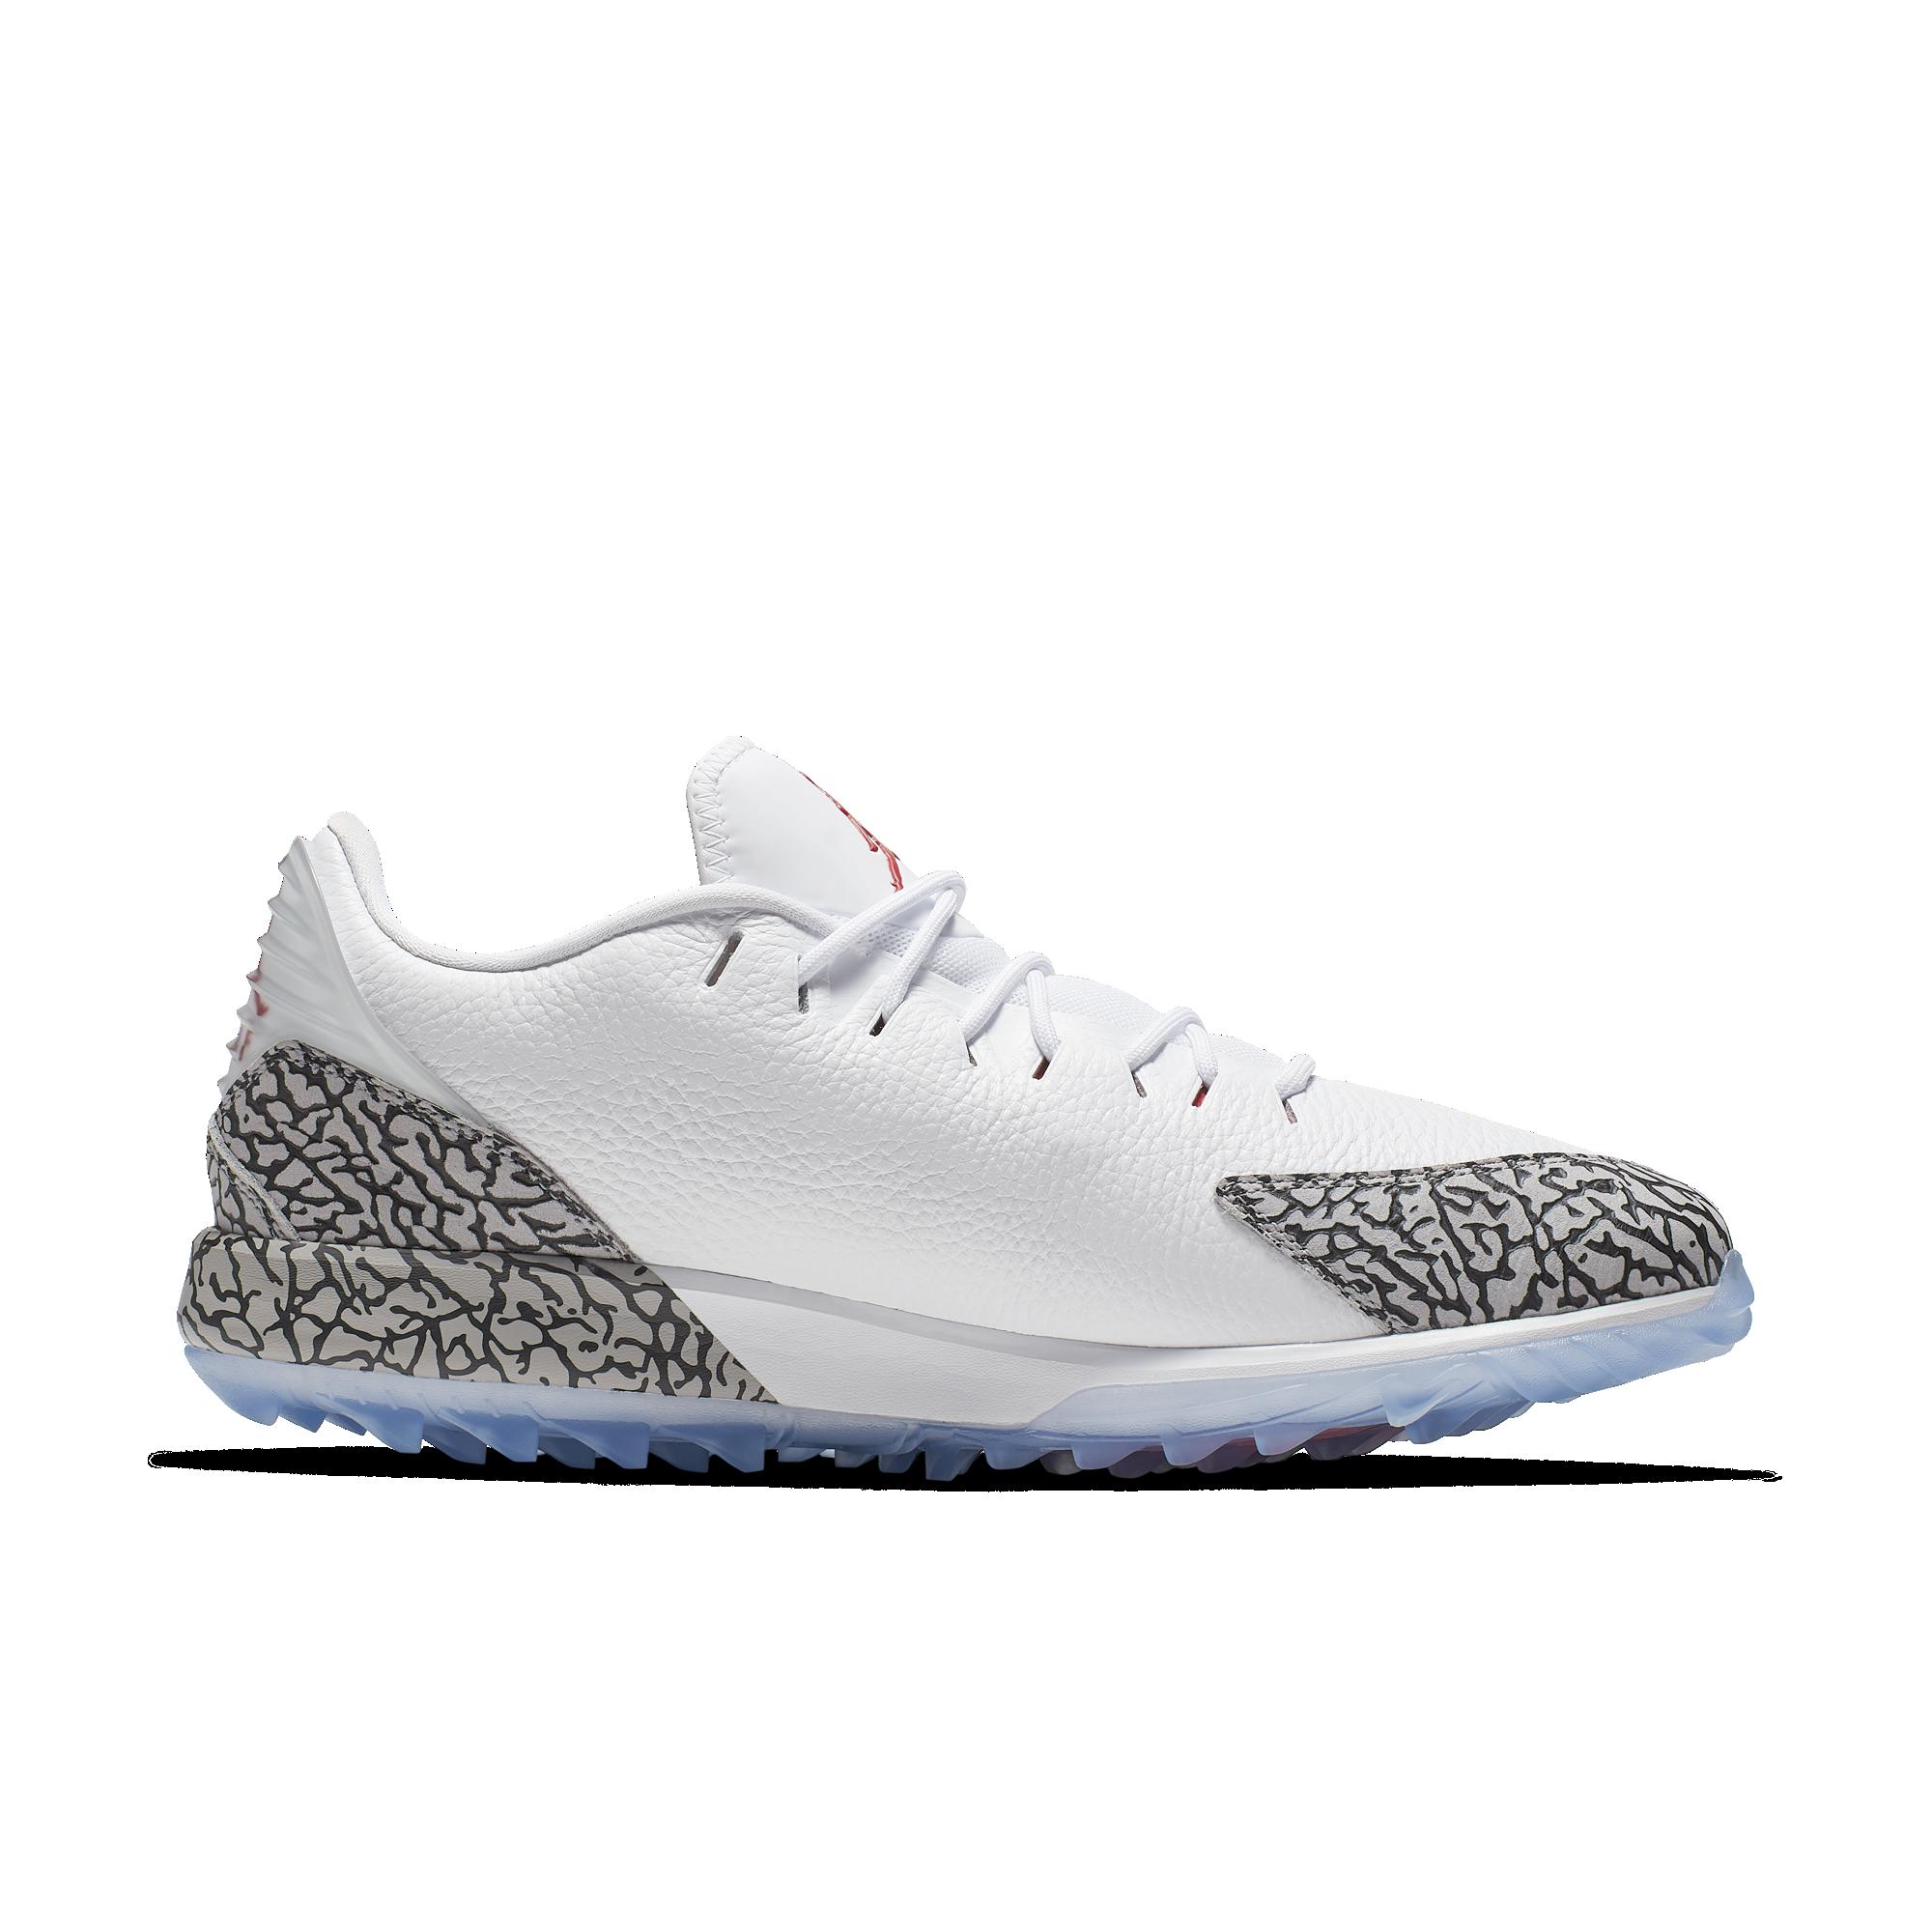 Jordan ADG Men's Golf Shoe - White/Red